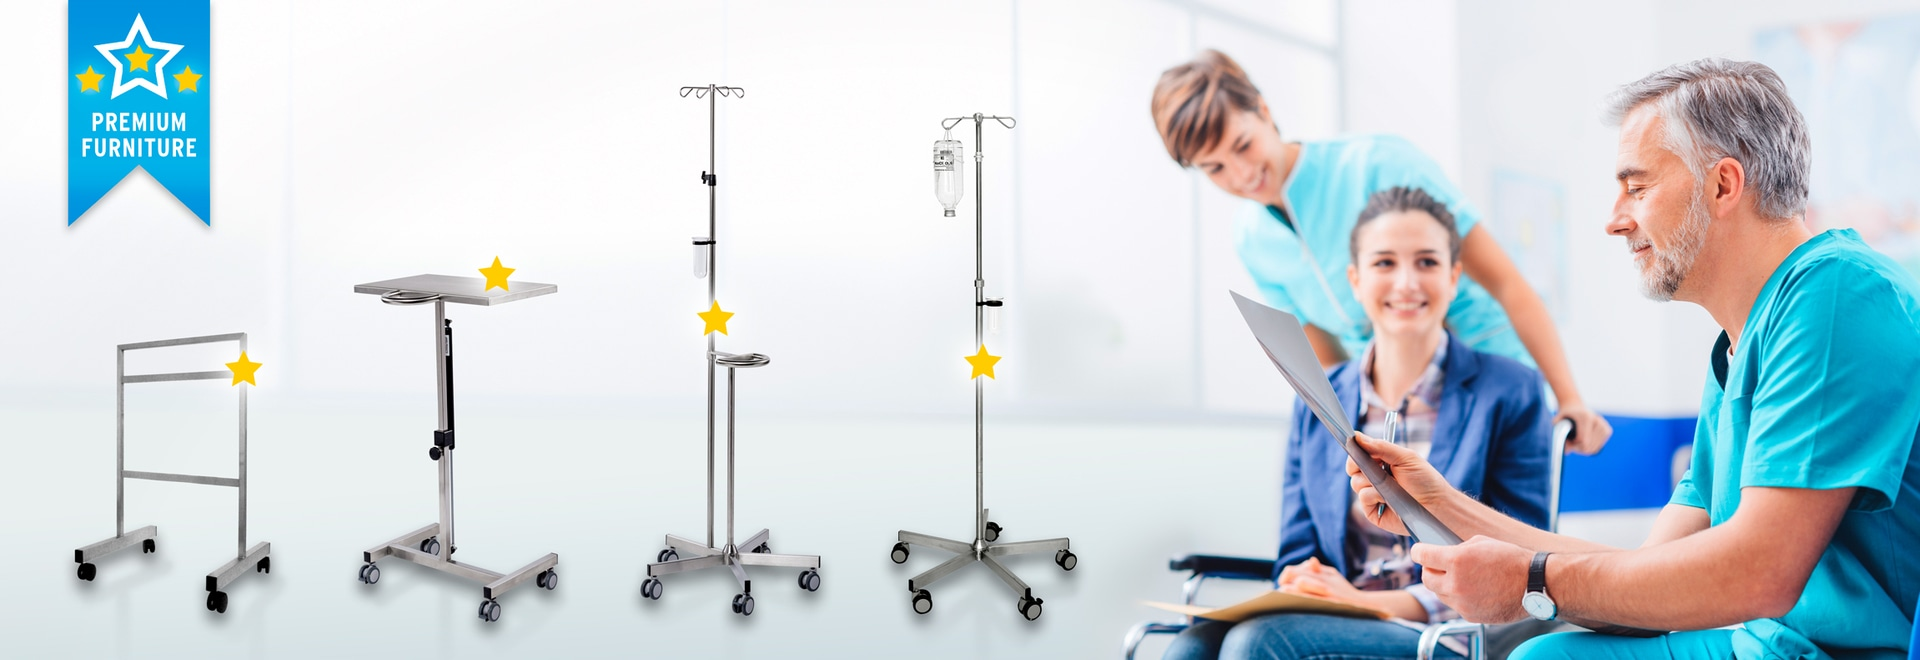 Premium Functional Furniture